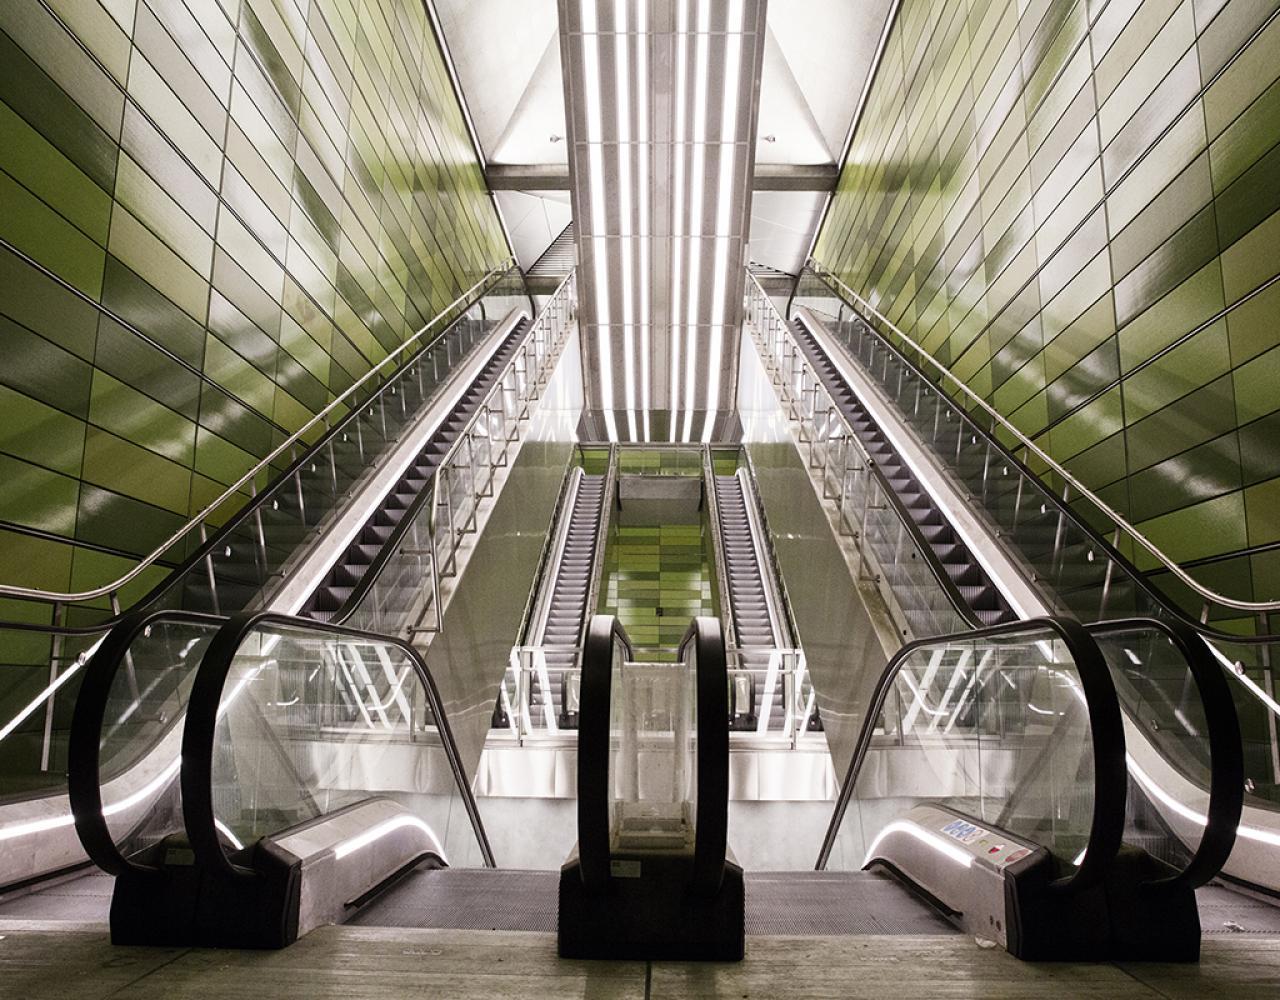 metrostation frederiksberg allé